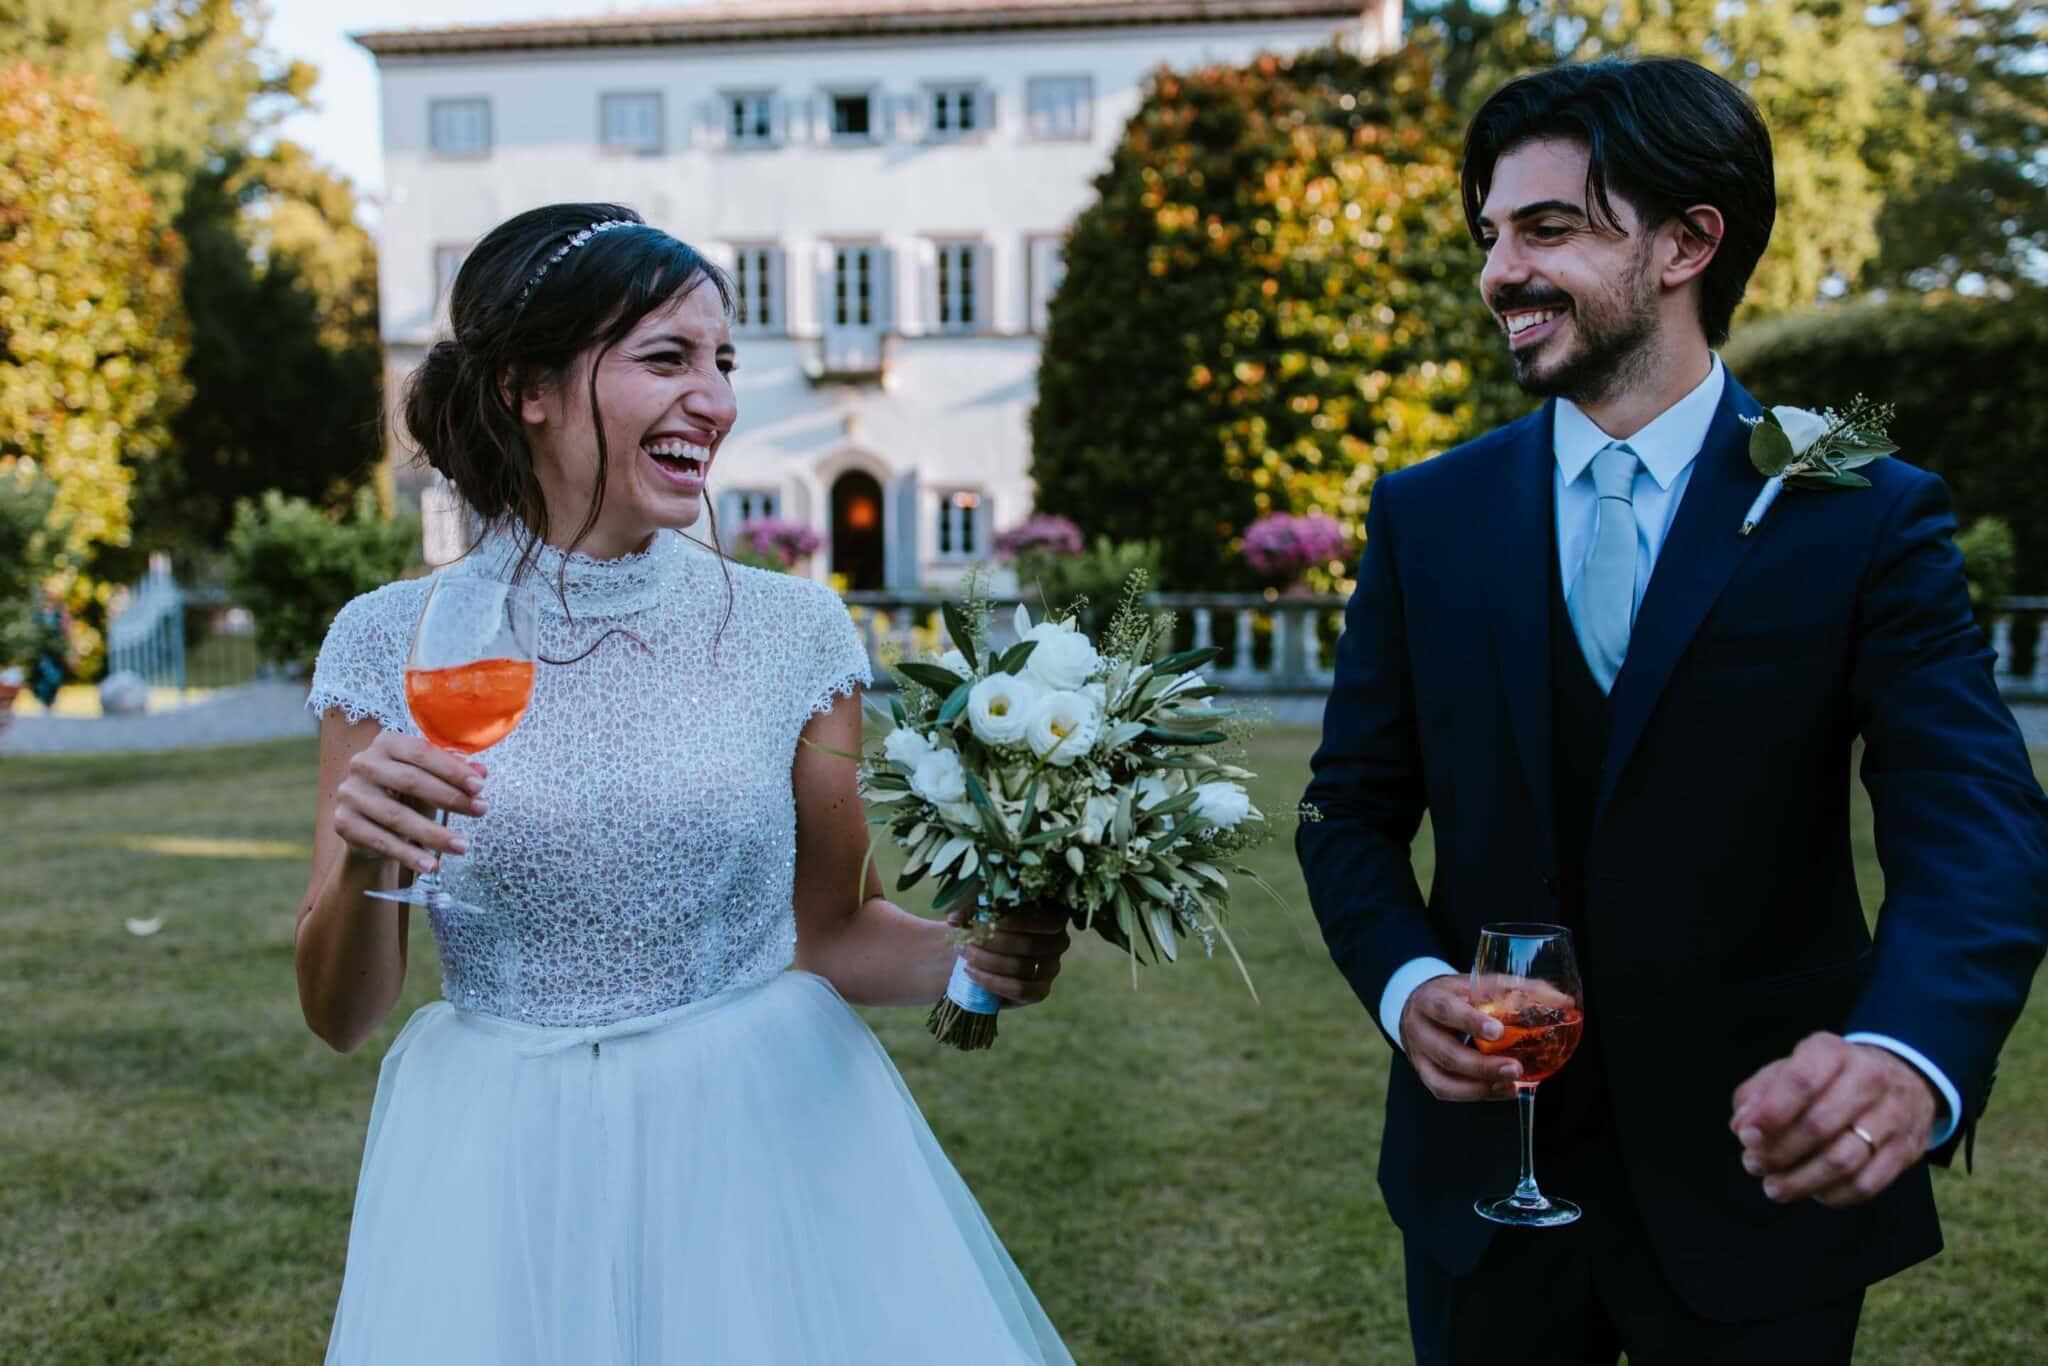 scatti rubati durante un matrimonio a Villa Grabau